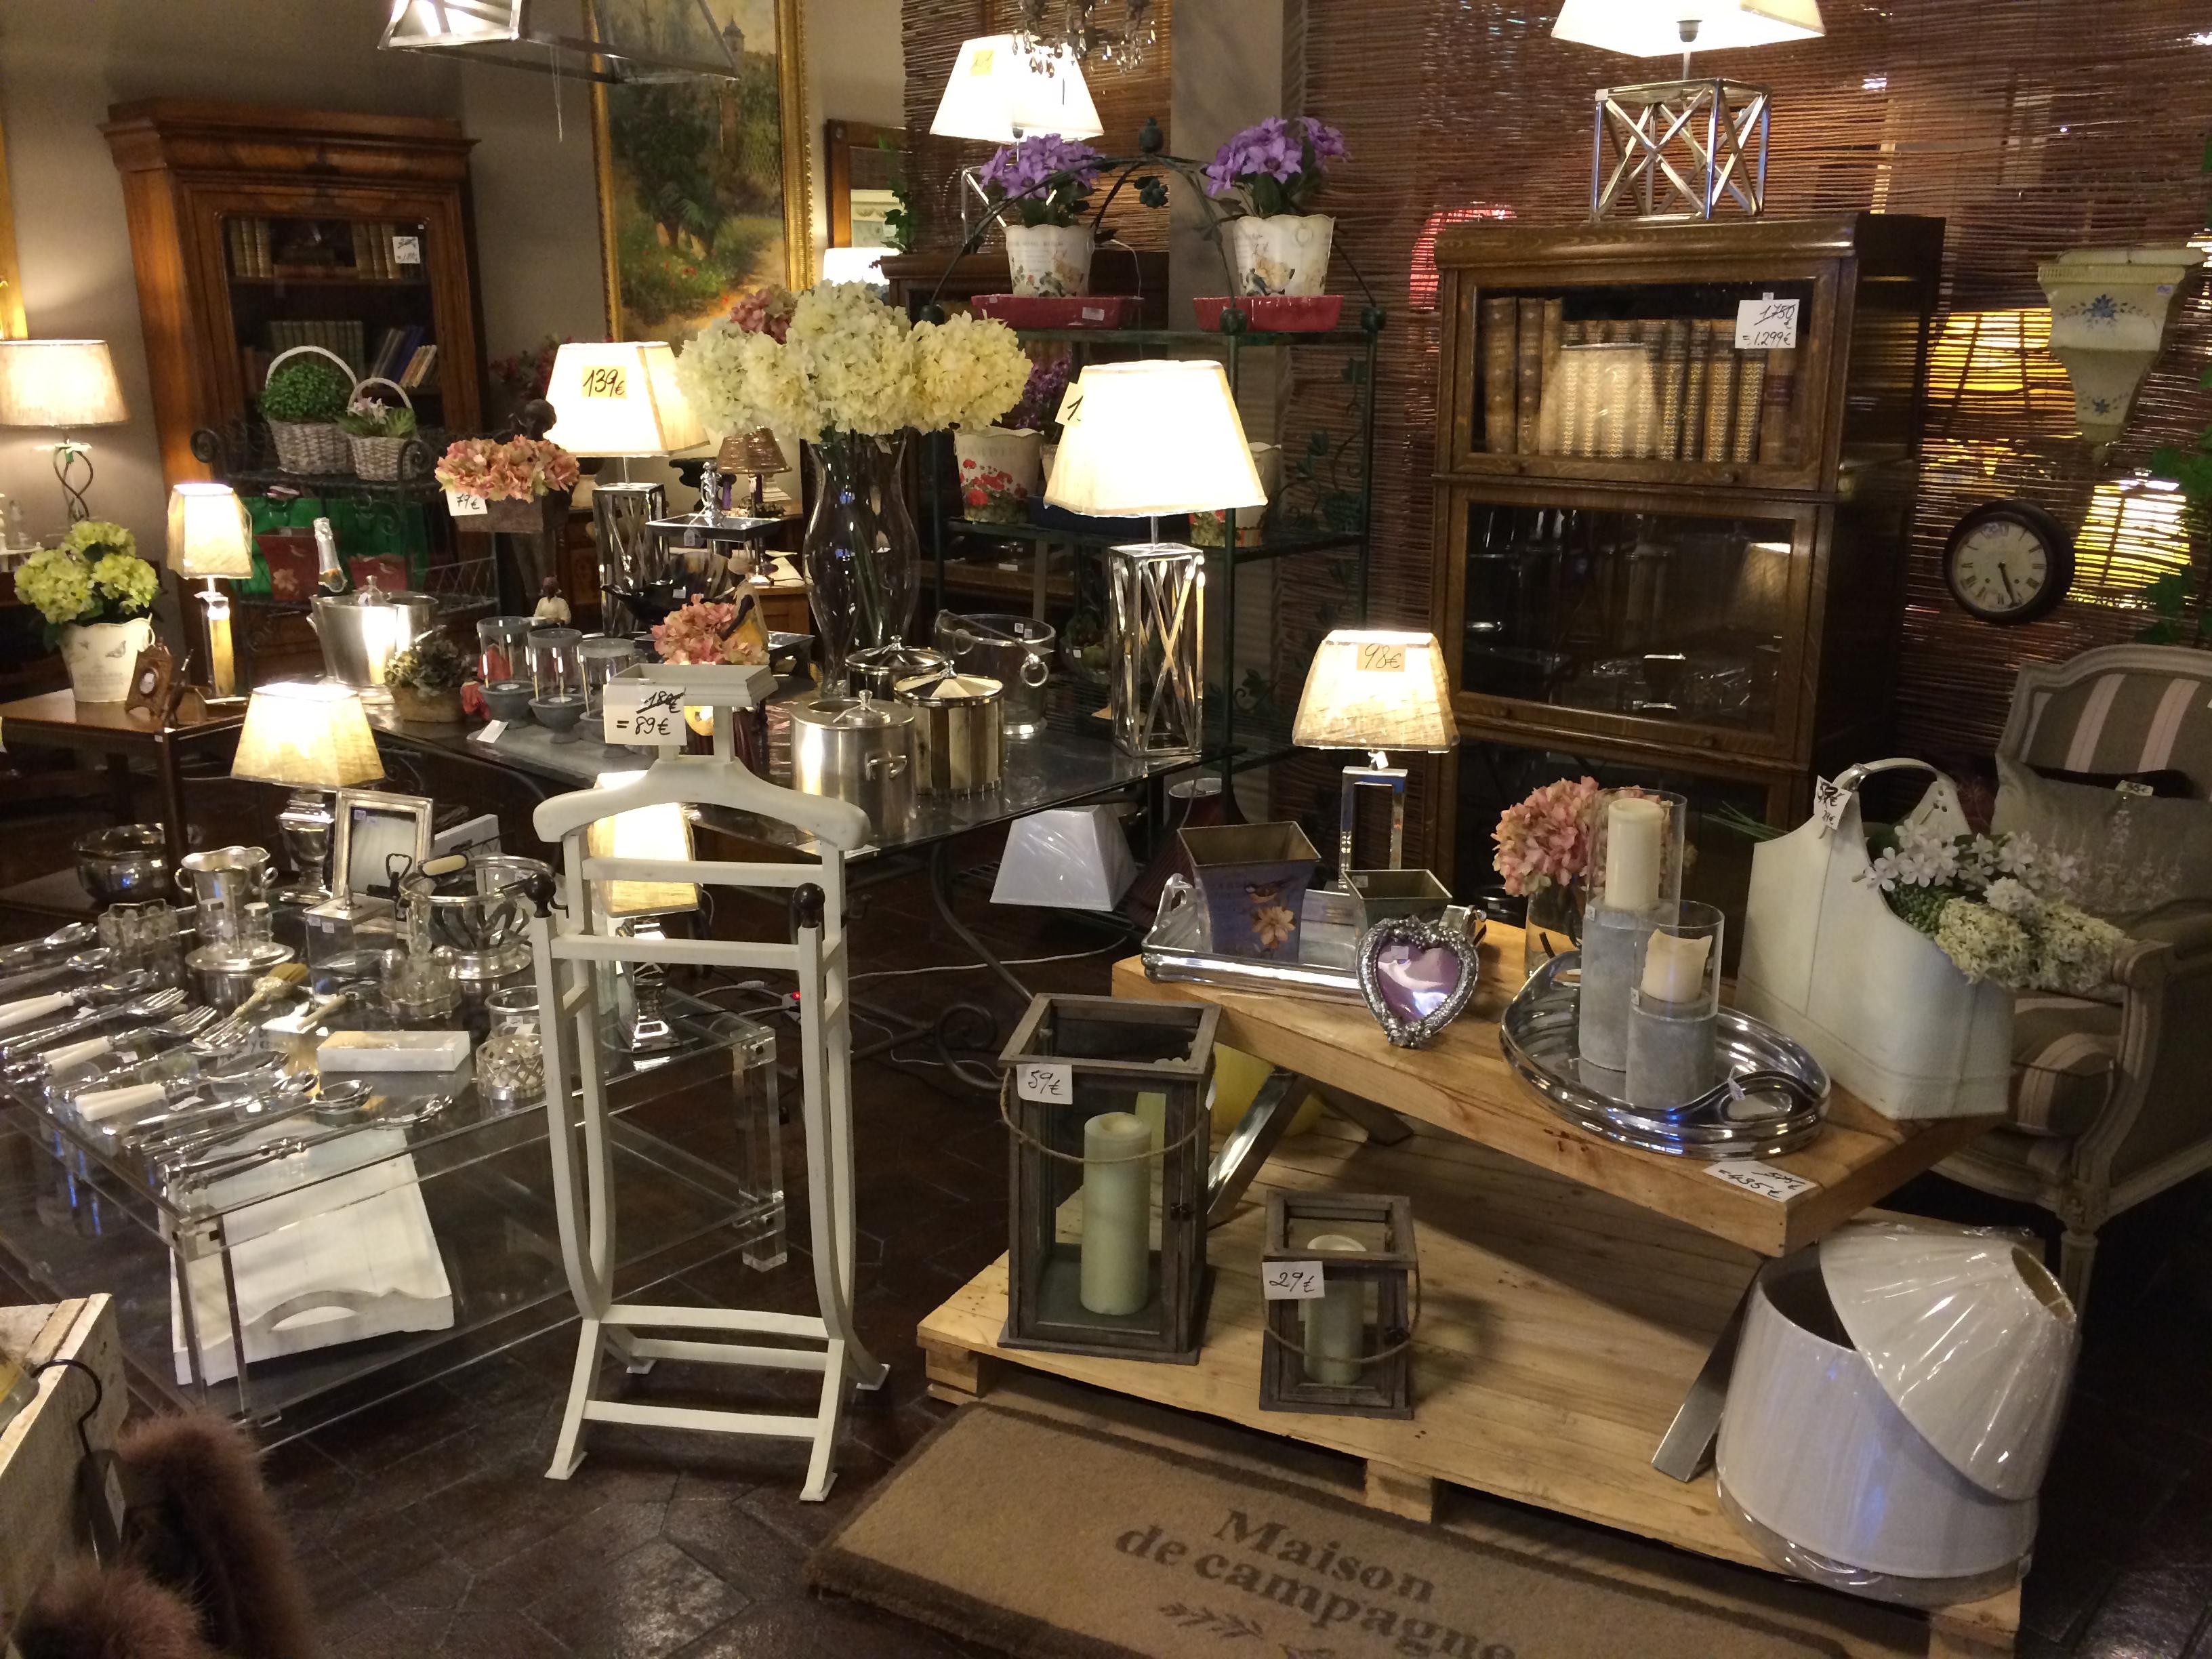 Tienda mesas de comedor y muebles clasicos madrid - Muebles para restaurar madrid ...